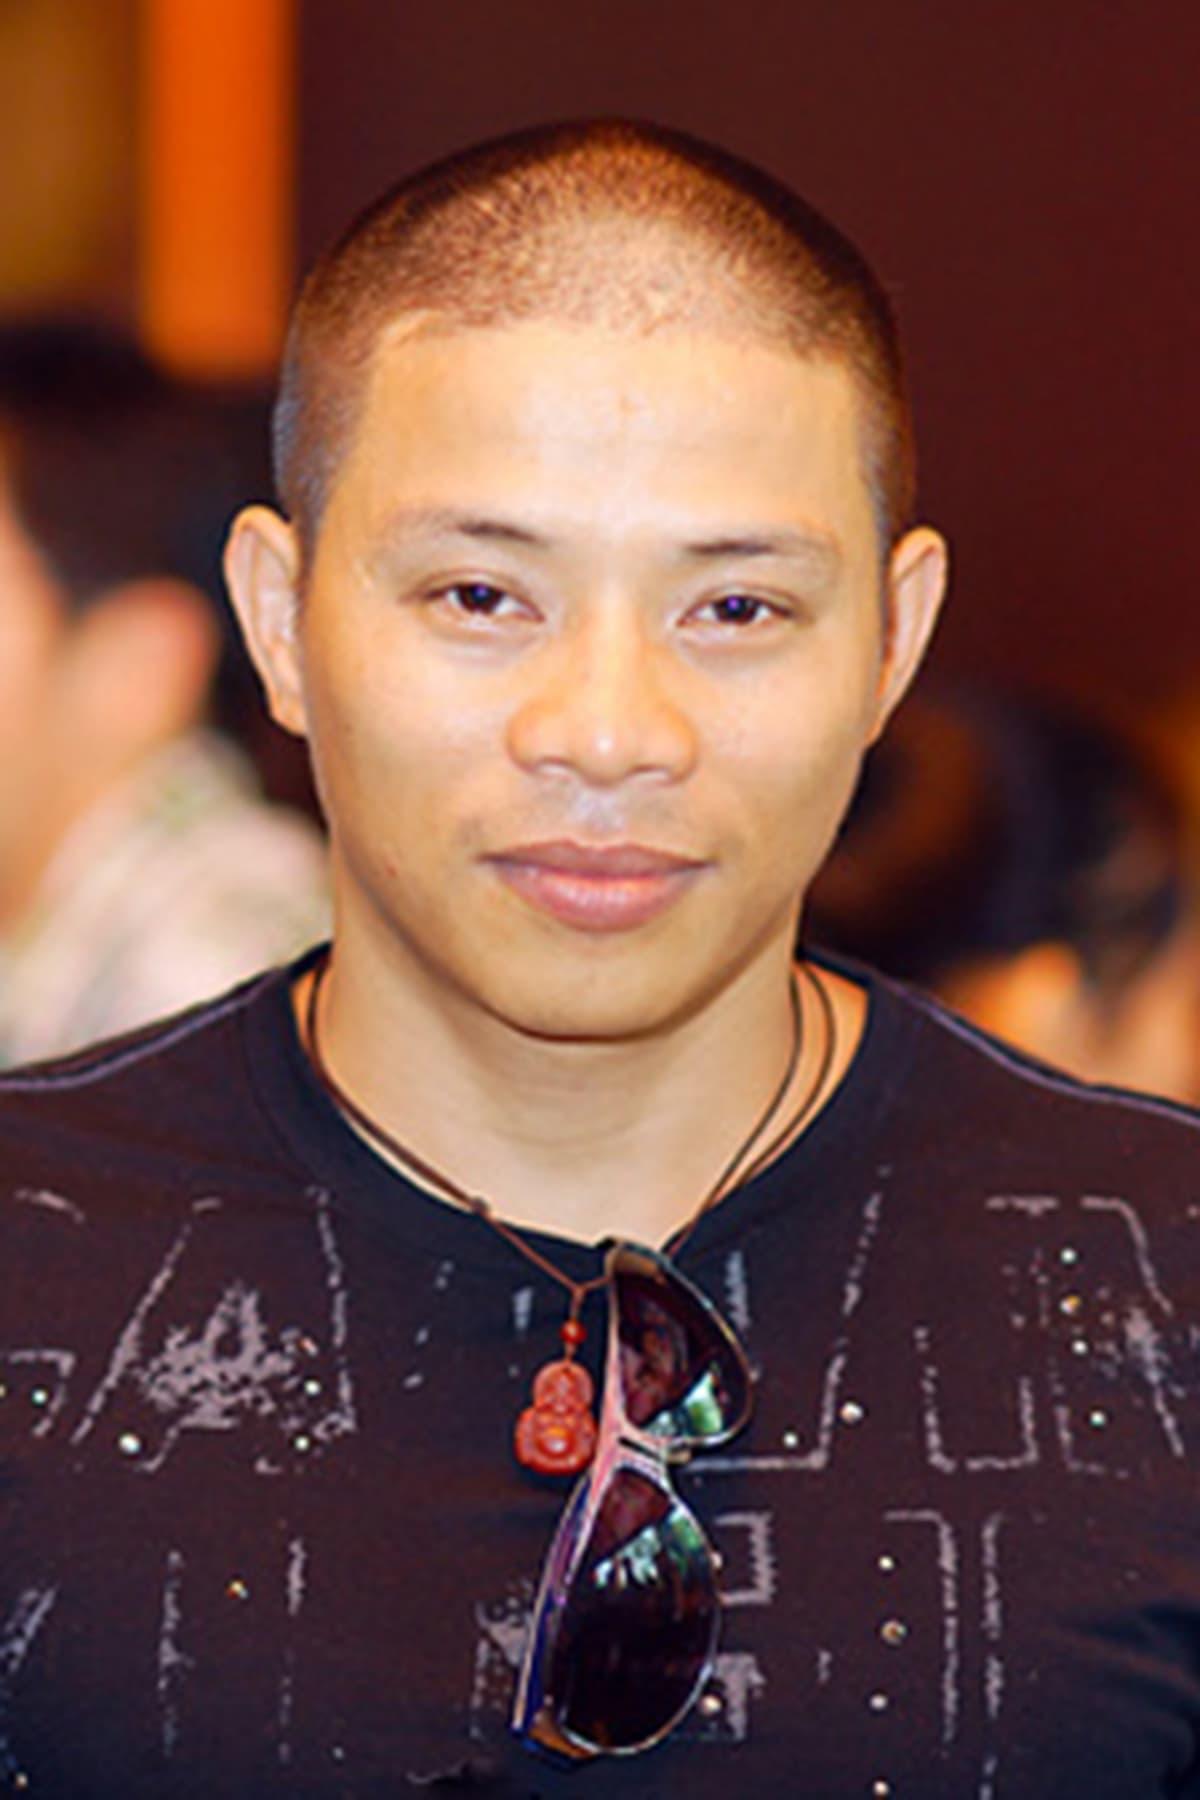 Van Hai Bui